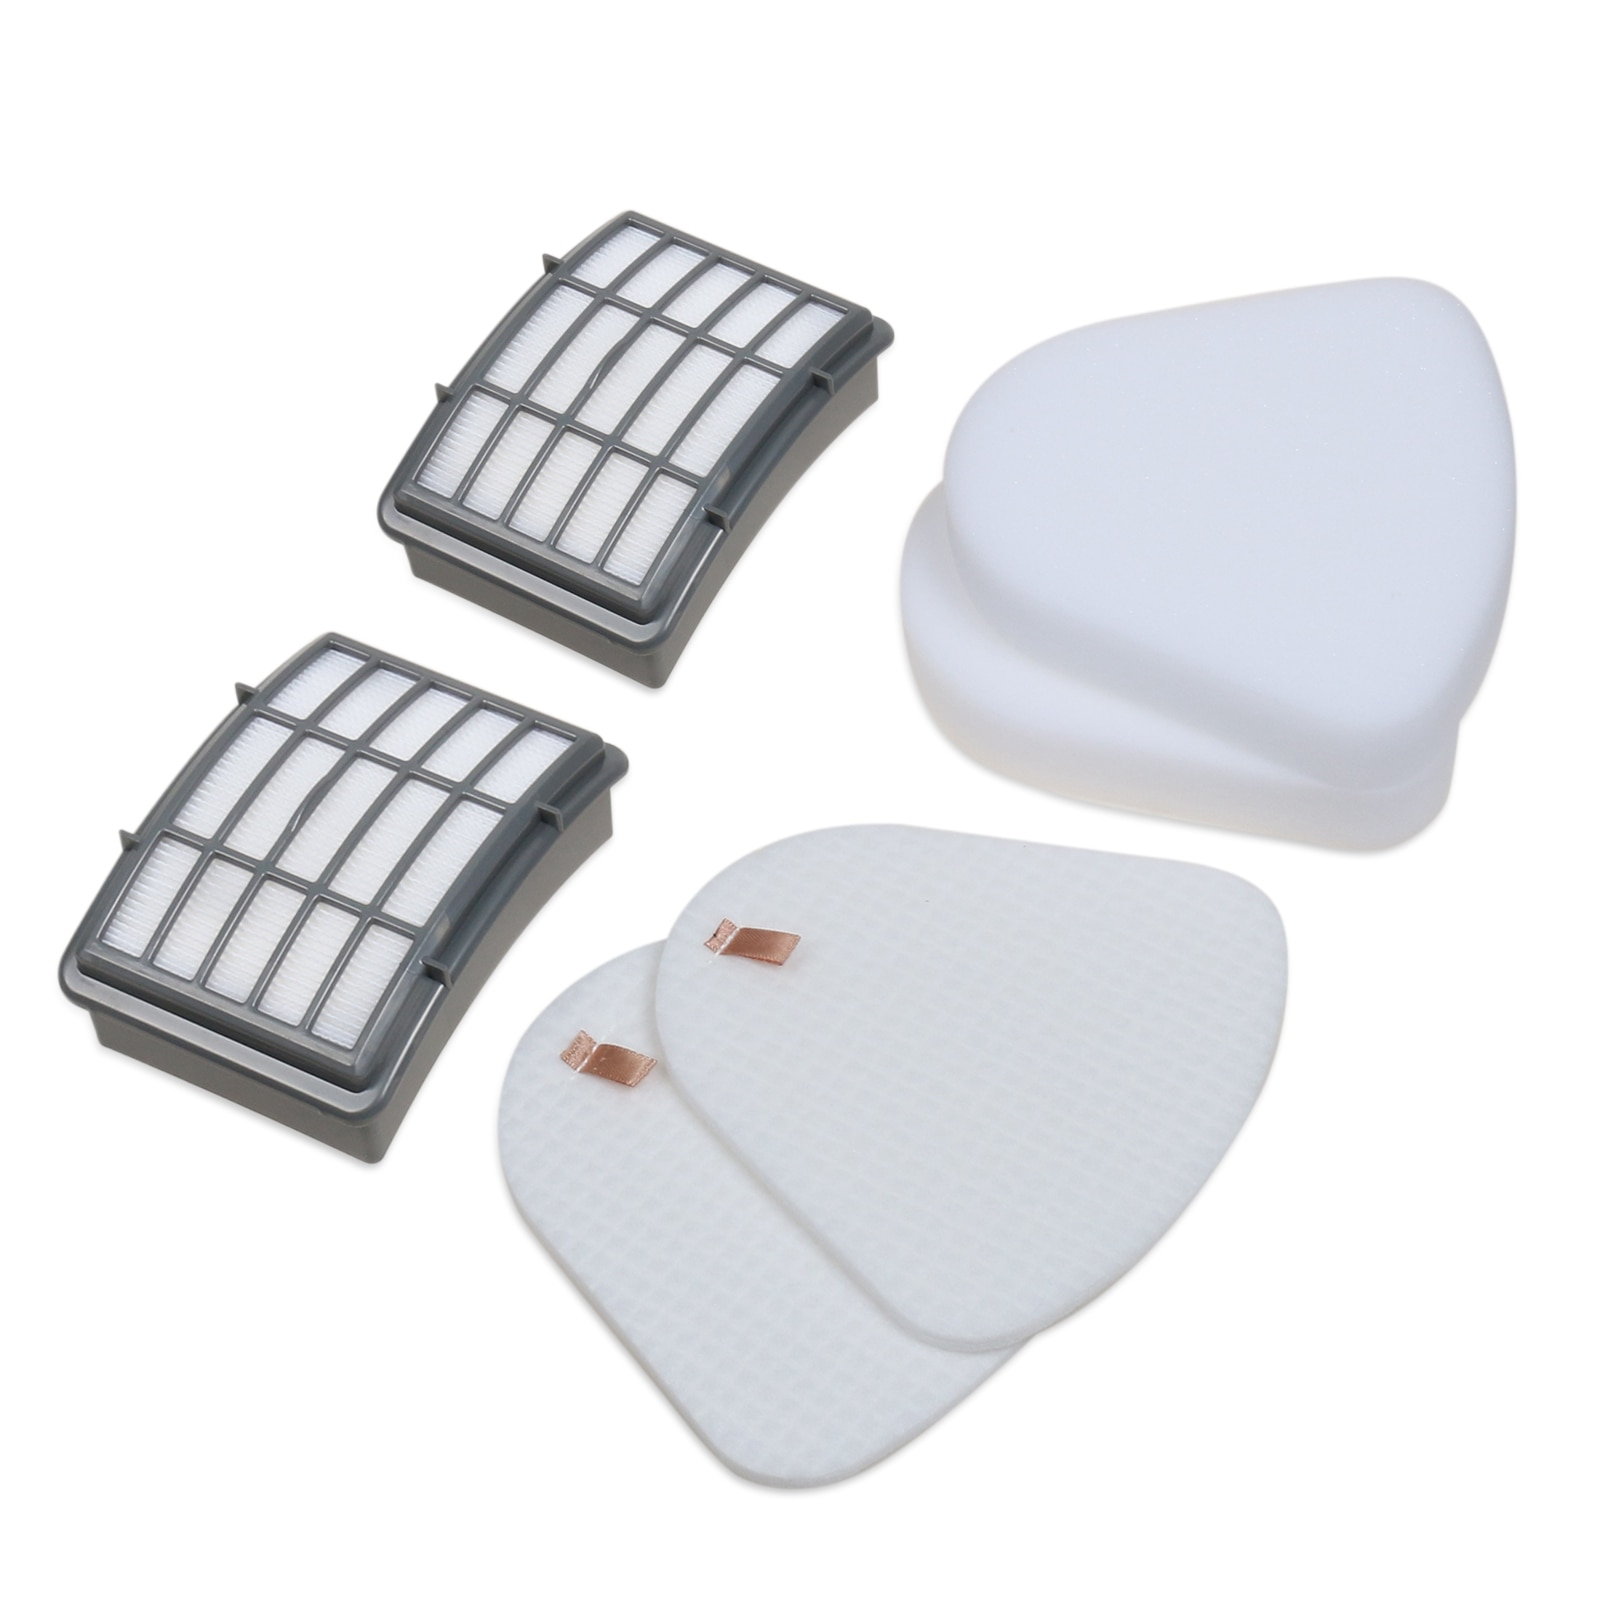 Сменный HEPA фильтр и войлочный фильтр и комплект пены для Shark Navigator Lift-Away Nv350 Nv351 Nv352 Nv355 Nv357 Запчасти для пылесосов